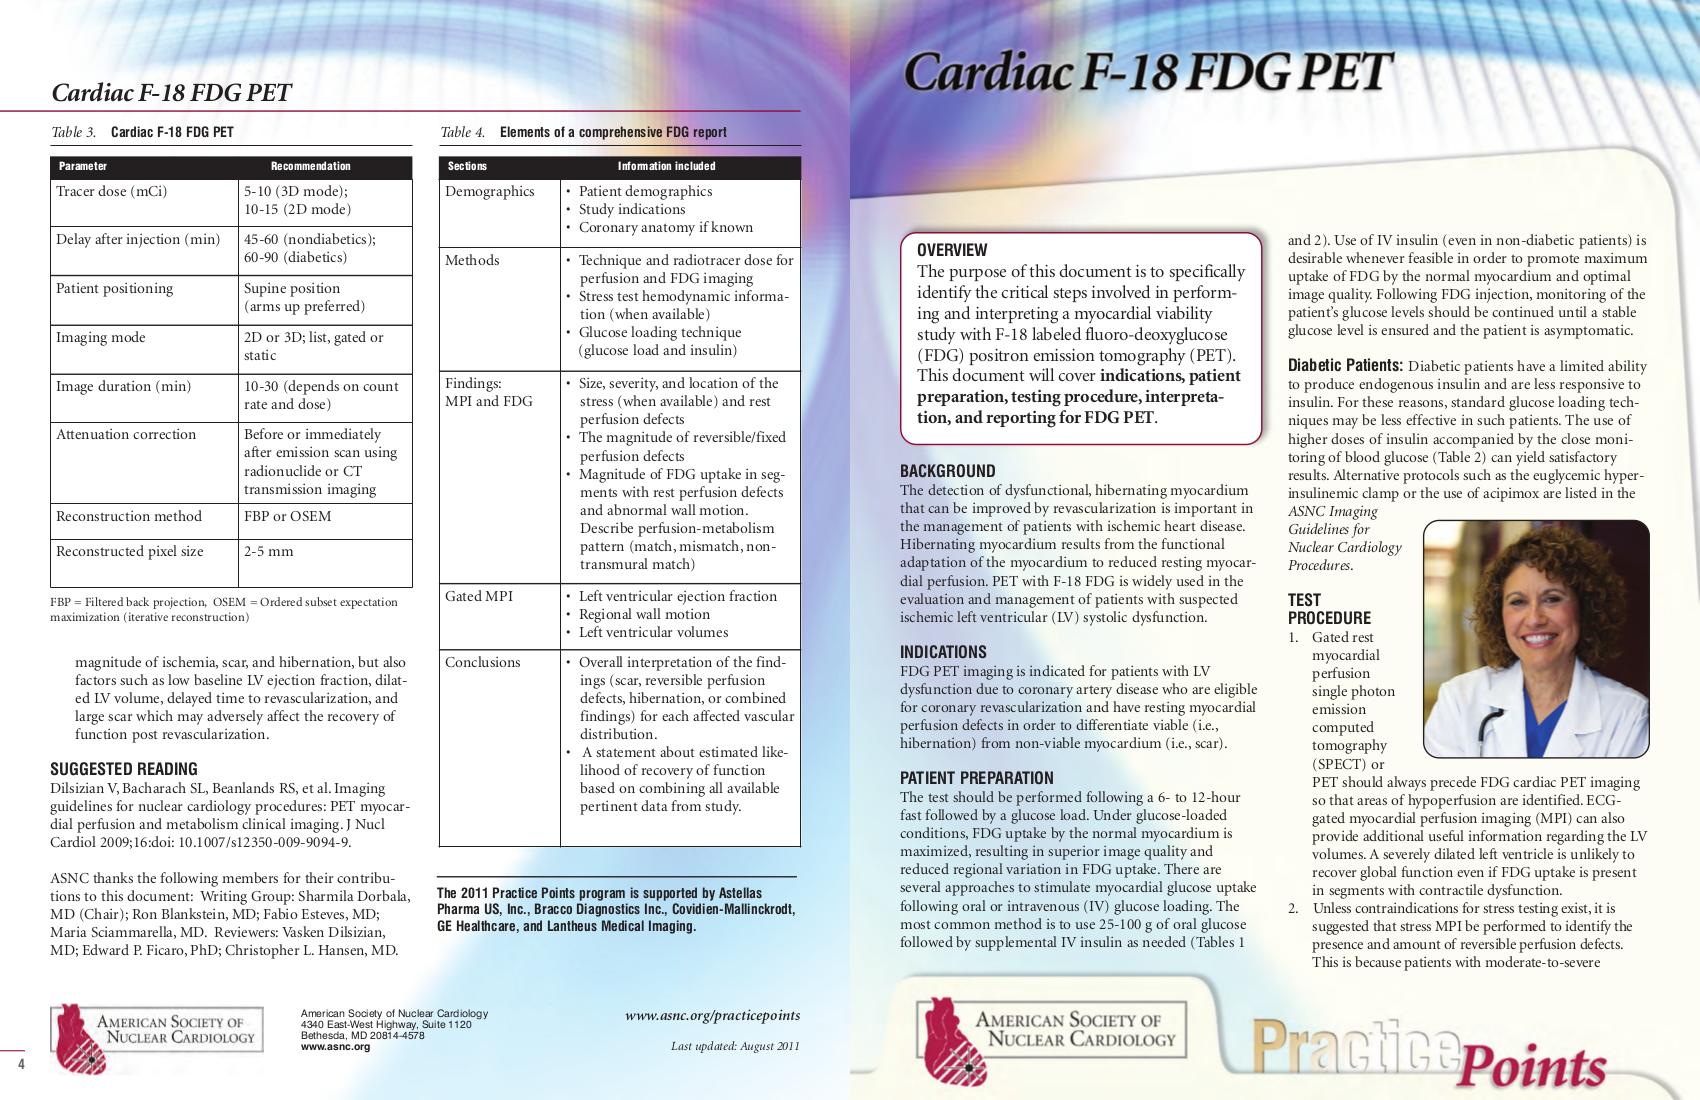 PET Imaging in Cardiology - Mita: Detail